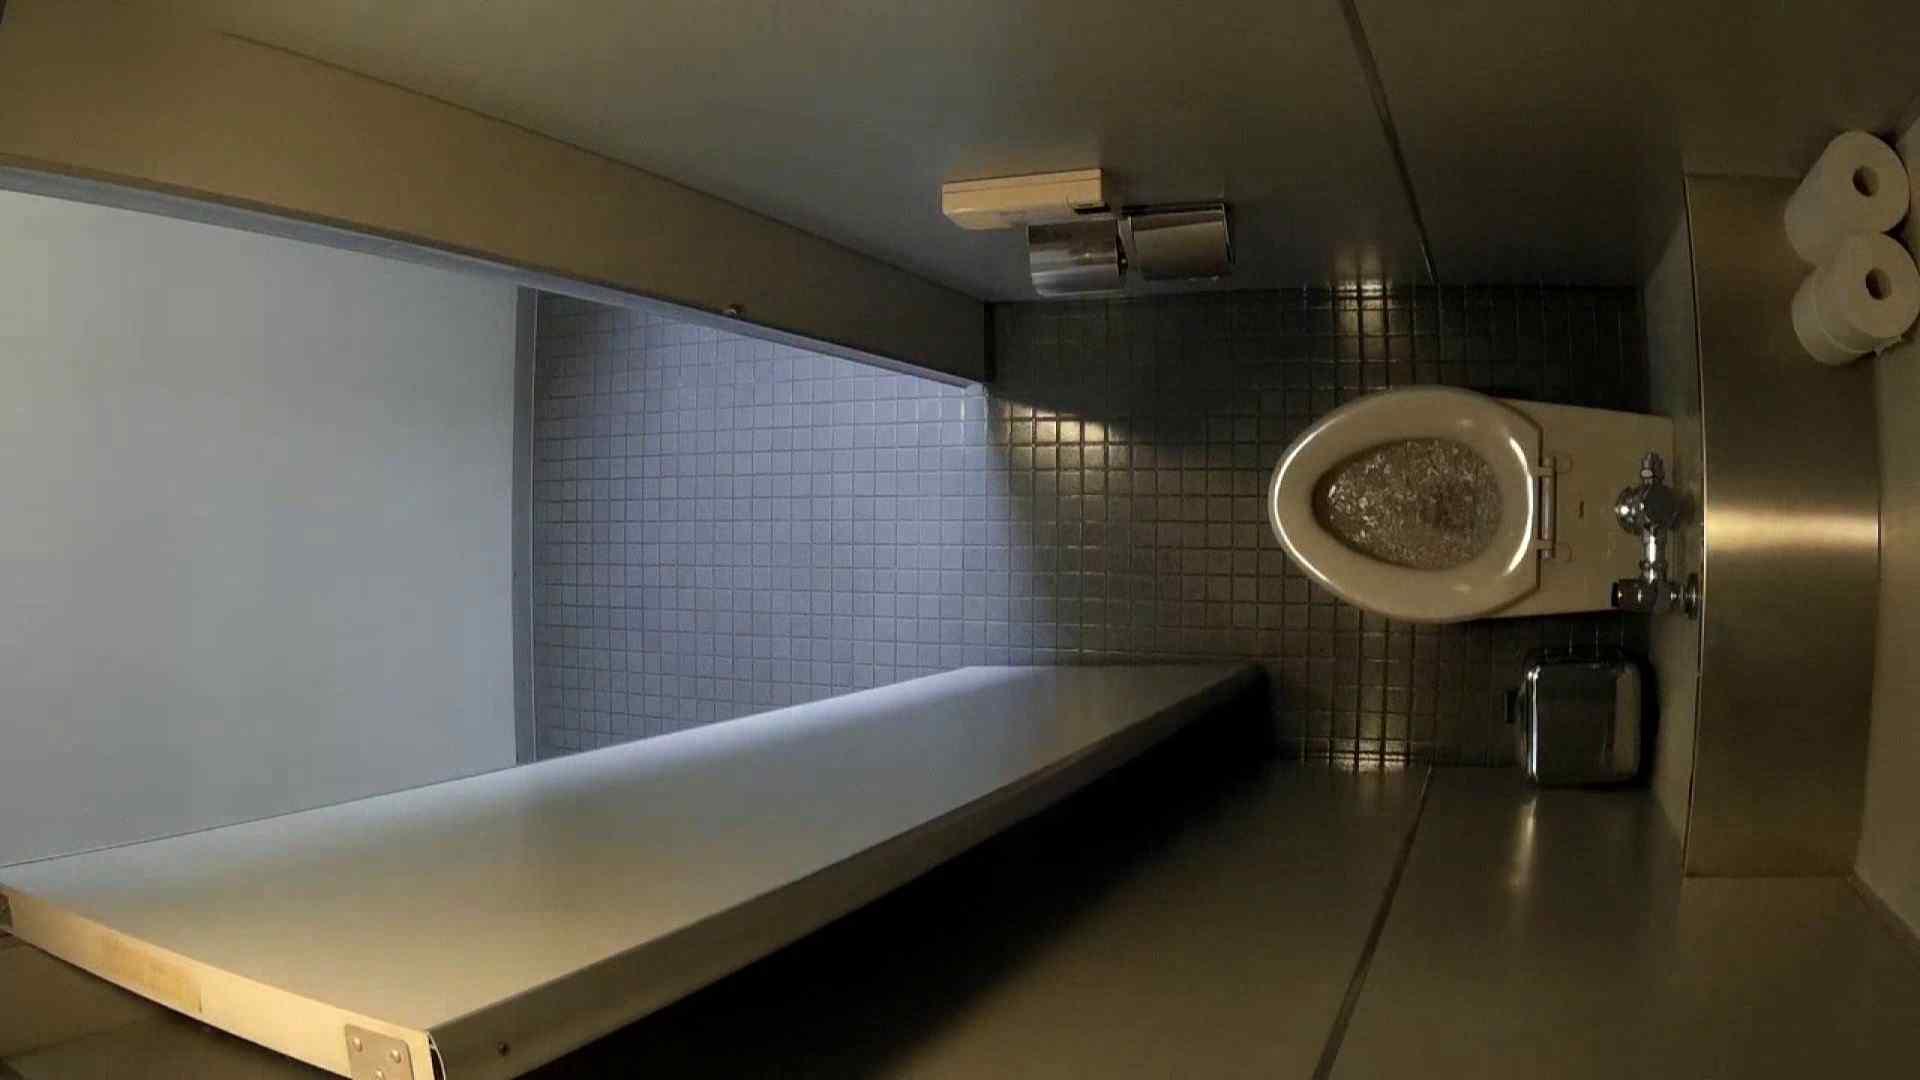 有名大学女性洗面所 vol.45 冴え渡る多方向撮影!職人技です。 OL  86連発 12